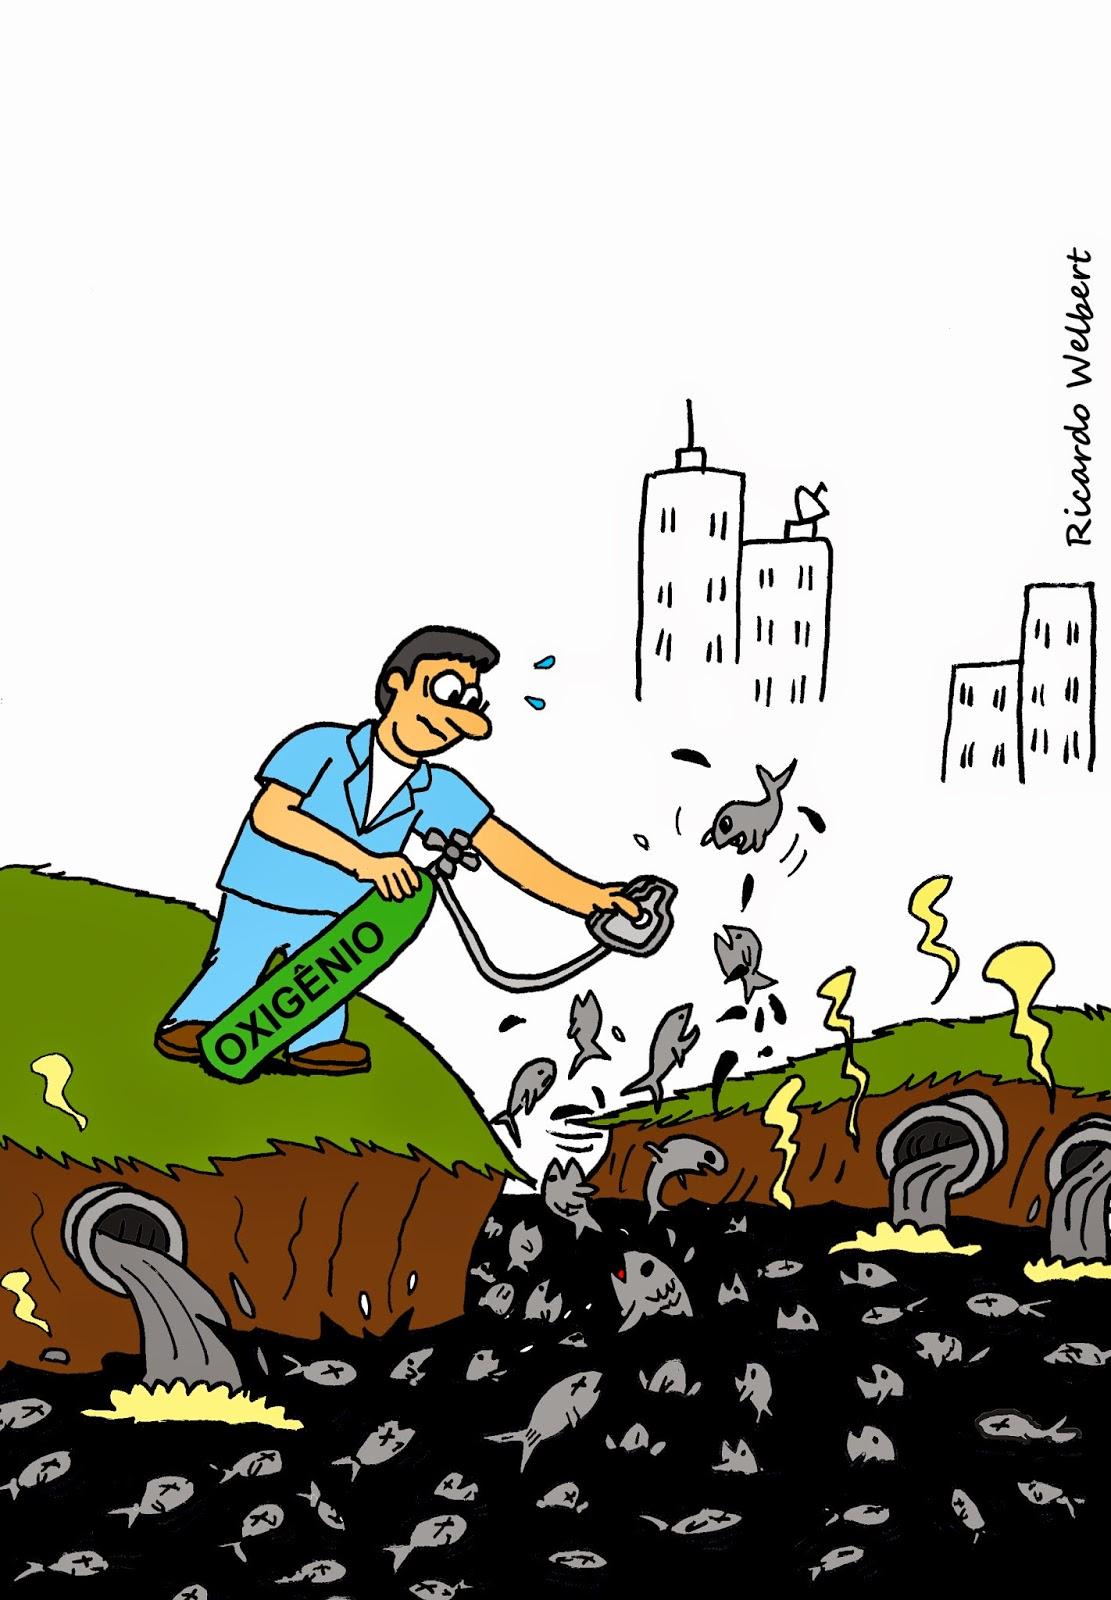 """Charge publicada no jornal """"Agora"""" de 4 de abril de 2014, sobre a morte de peixes no rio Itapecerica, devido ao excesso de esgoto in natura despejado nas águas"""